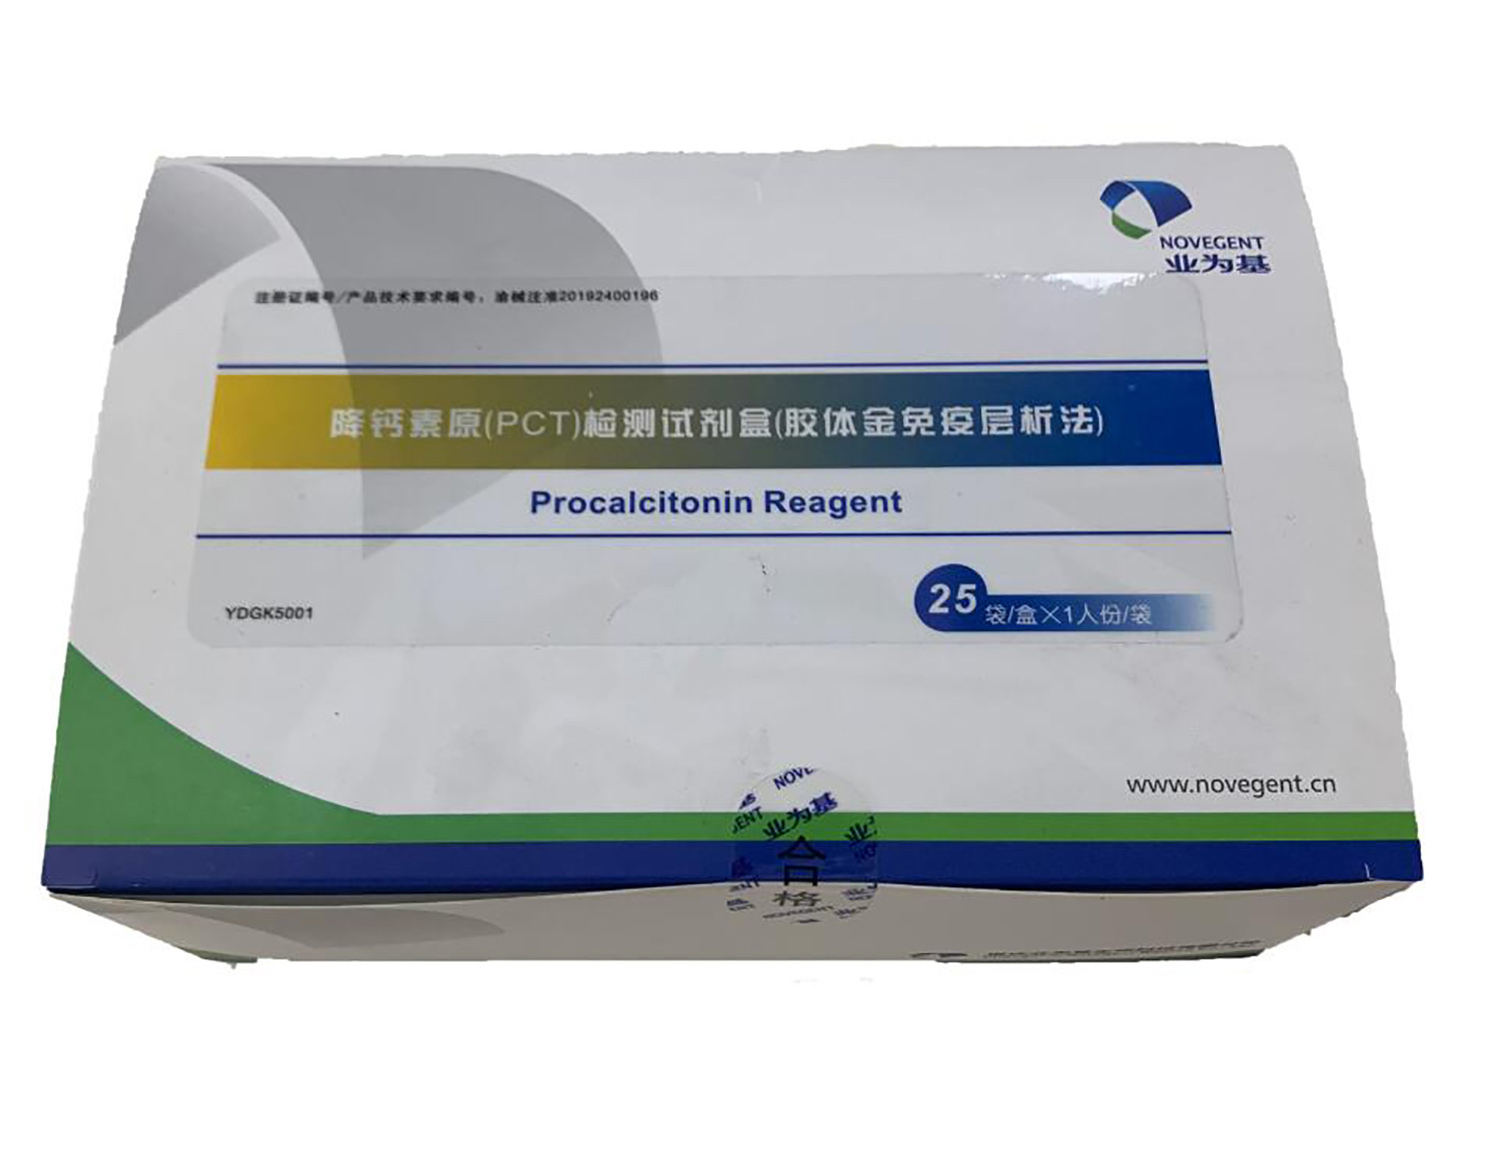 降钙素原(PCT)检测试剂盒(胶体金免疫层析法)